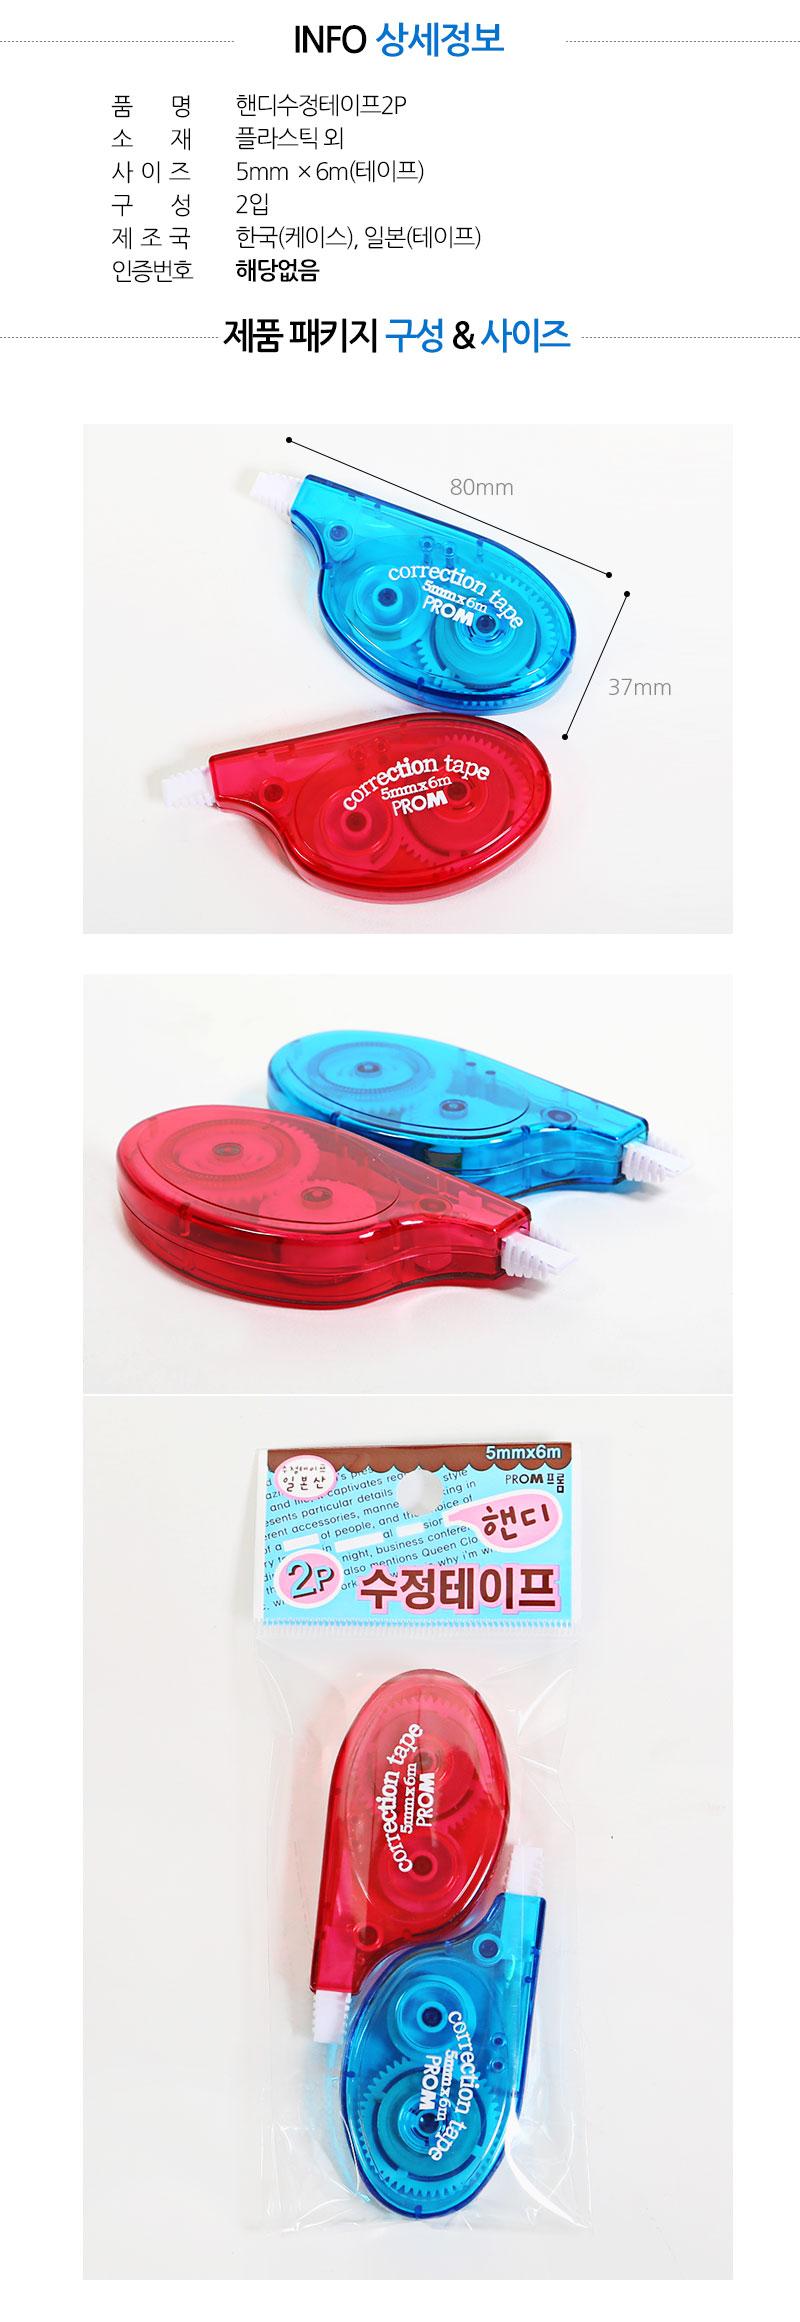 핸디수정테이프2P(랜덤) - 킹콩박스, 2,000원, 지우개/수정액, 수정테이프